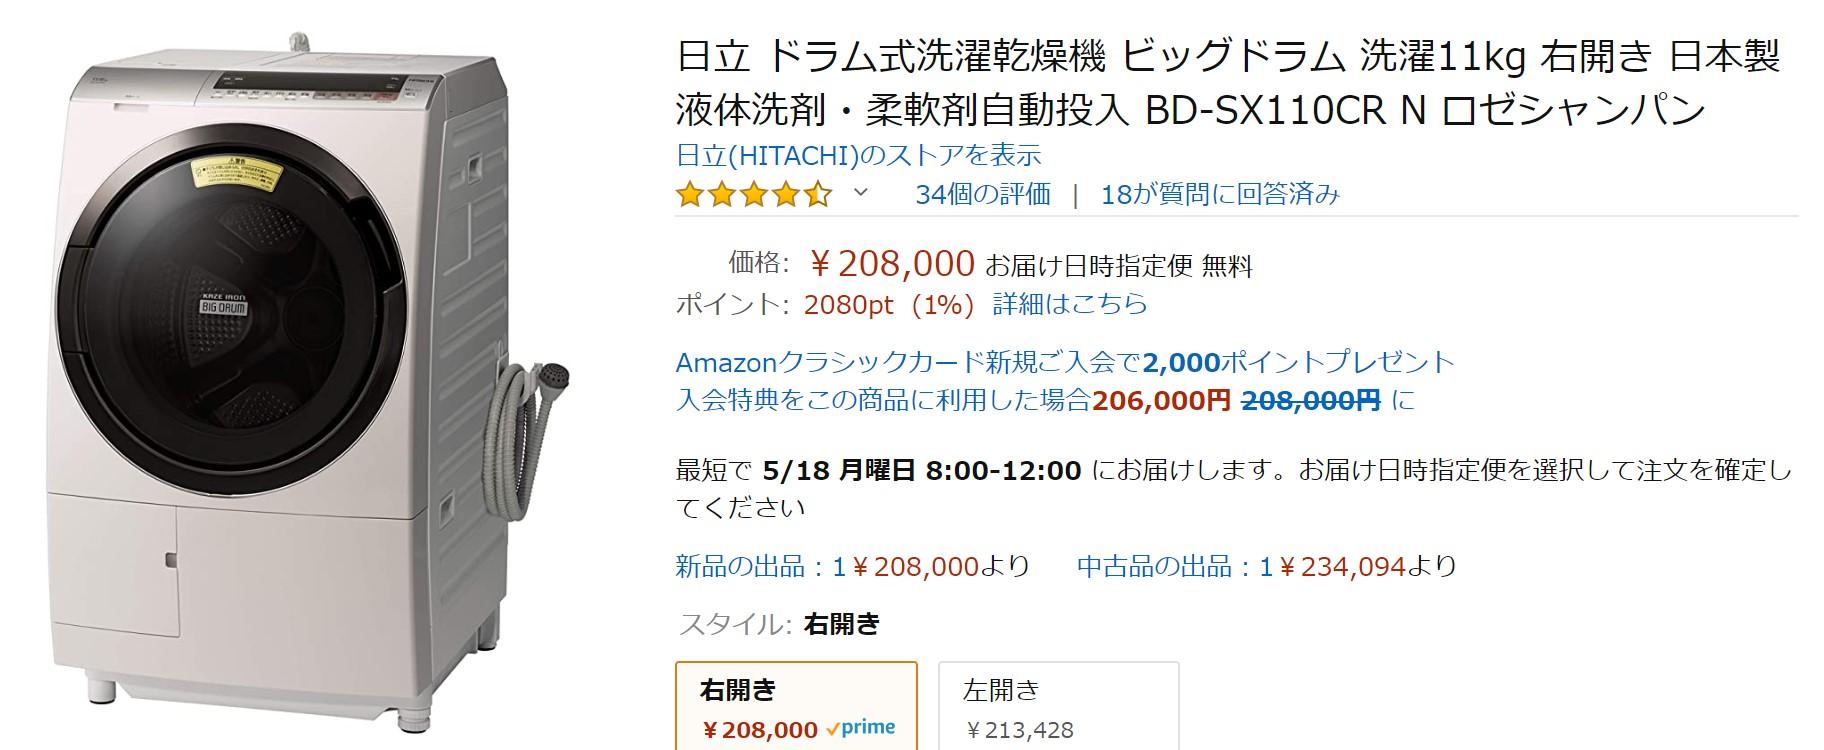 HITACHI BD-SX110CRの価格相場